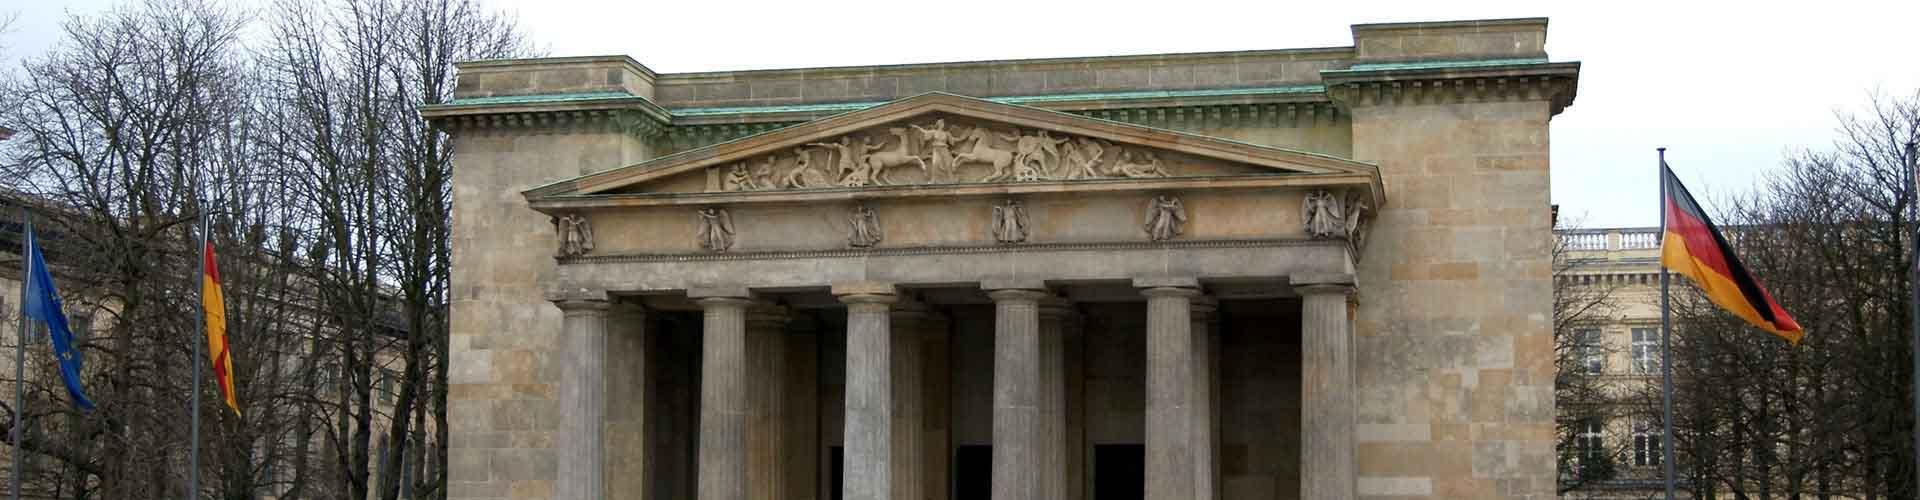 Berlín - Albergues cerca a Neue Wache y Zeughaus. Mapas de Berlín, Fotos y Comentarios para cada Albergue en Berlín.